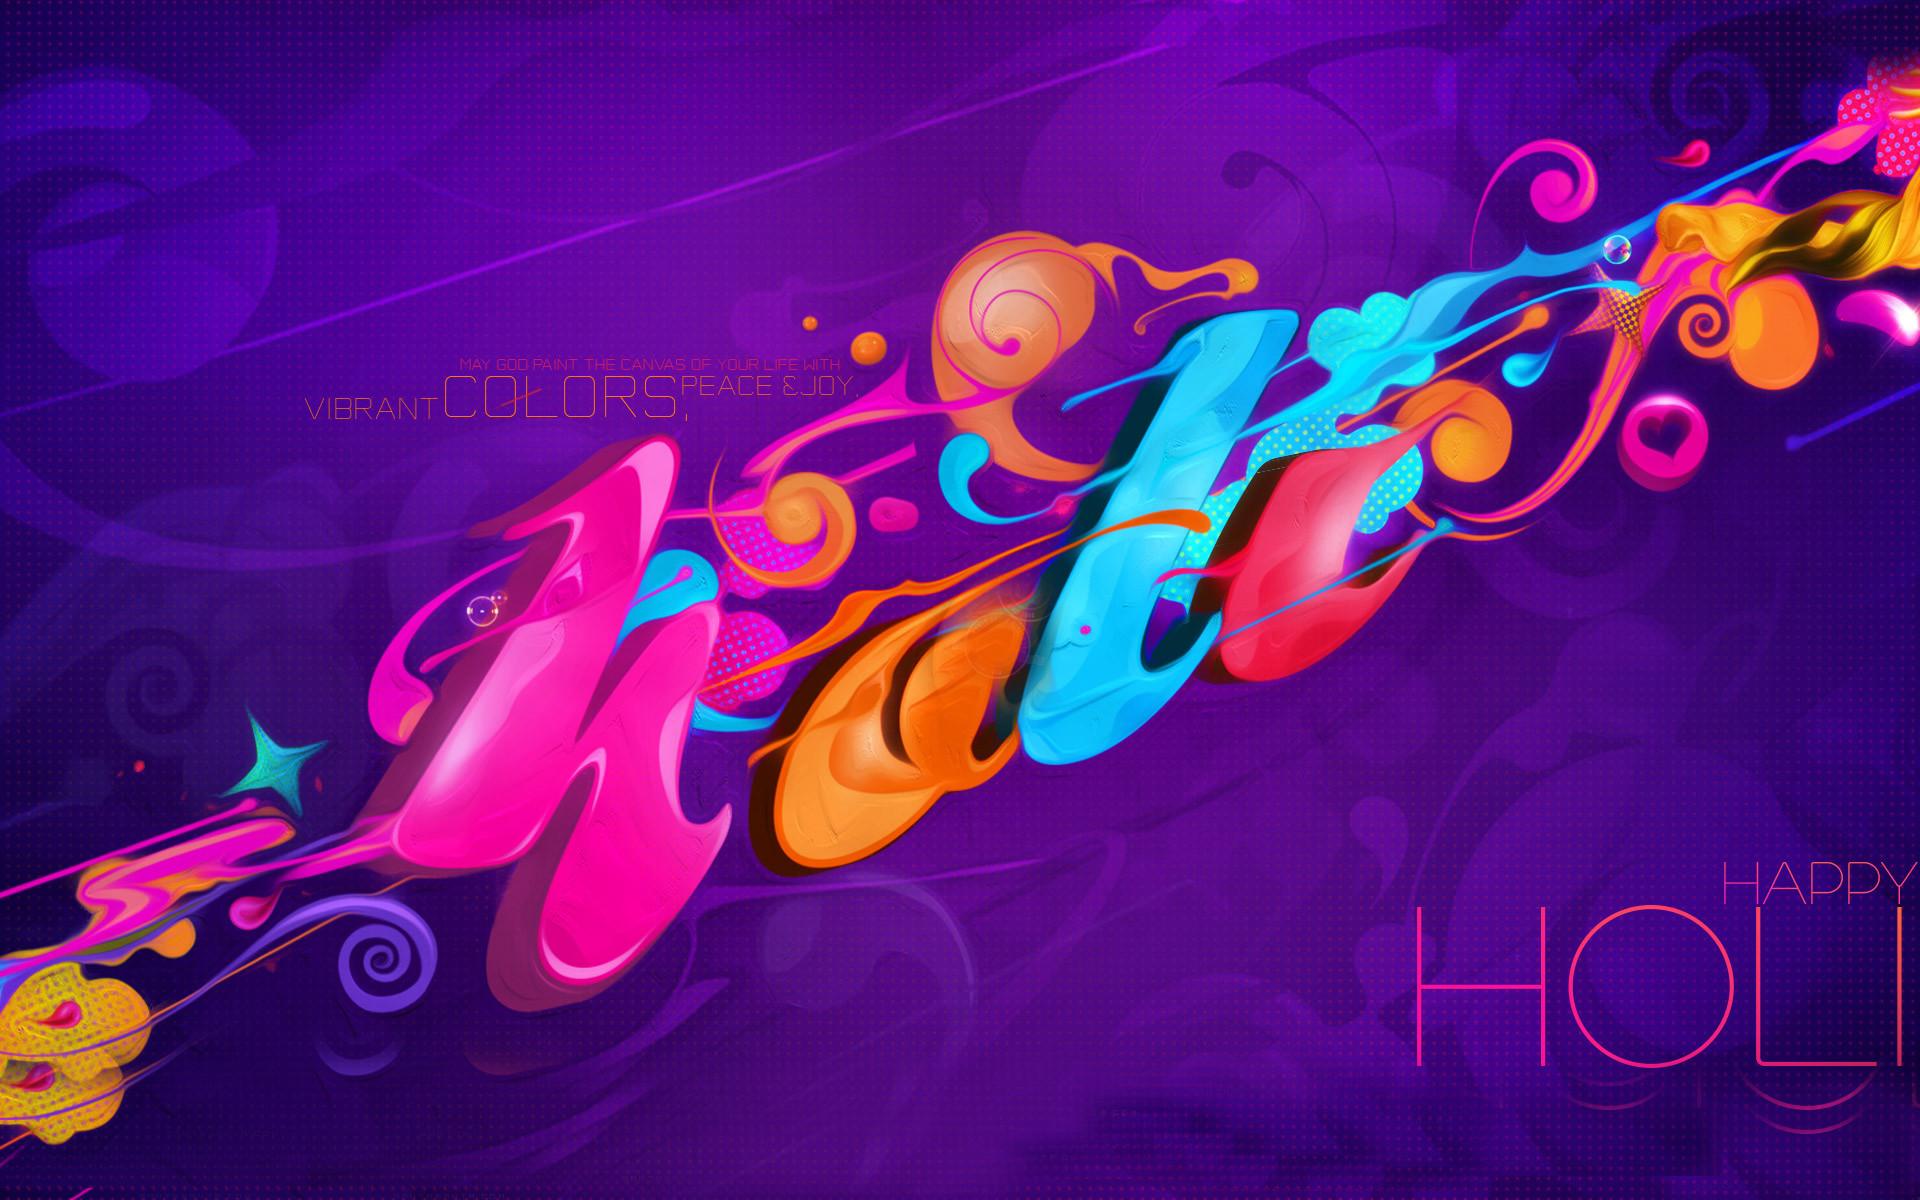 Top Wallpaper Name Kamran - 79115  Collection_100754.jpg